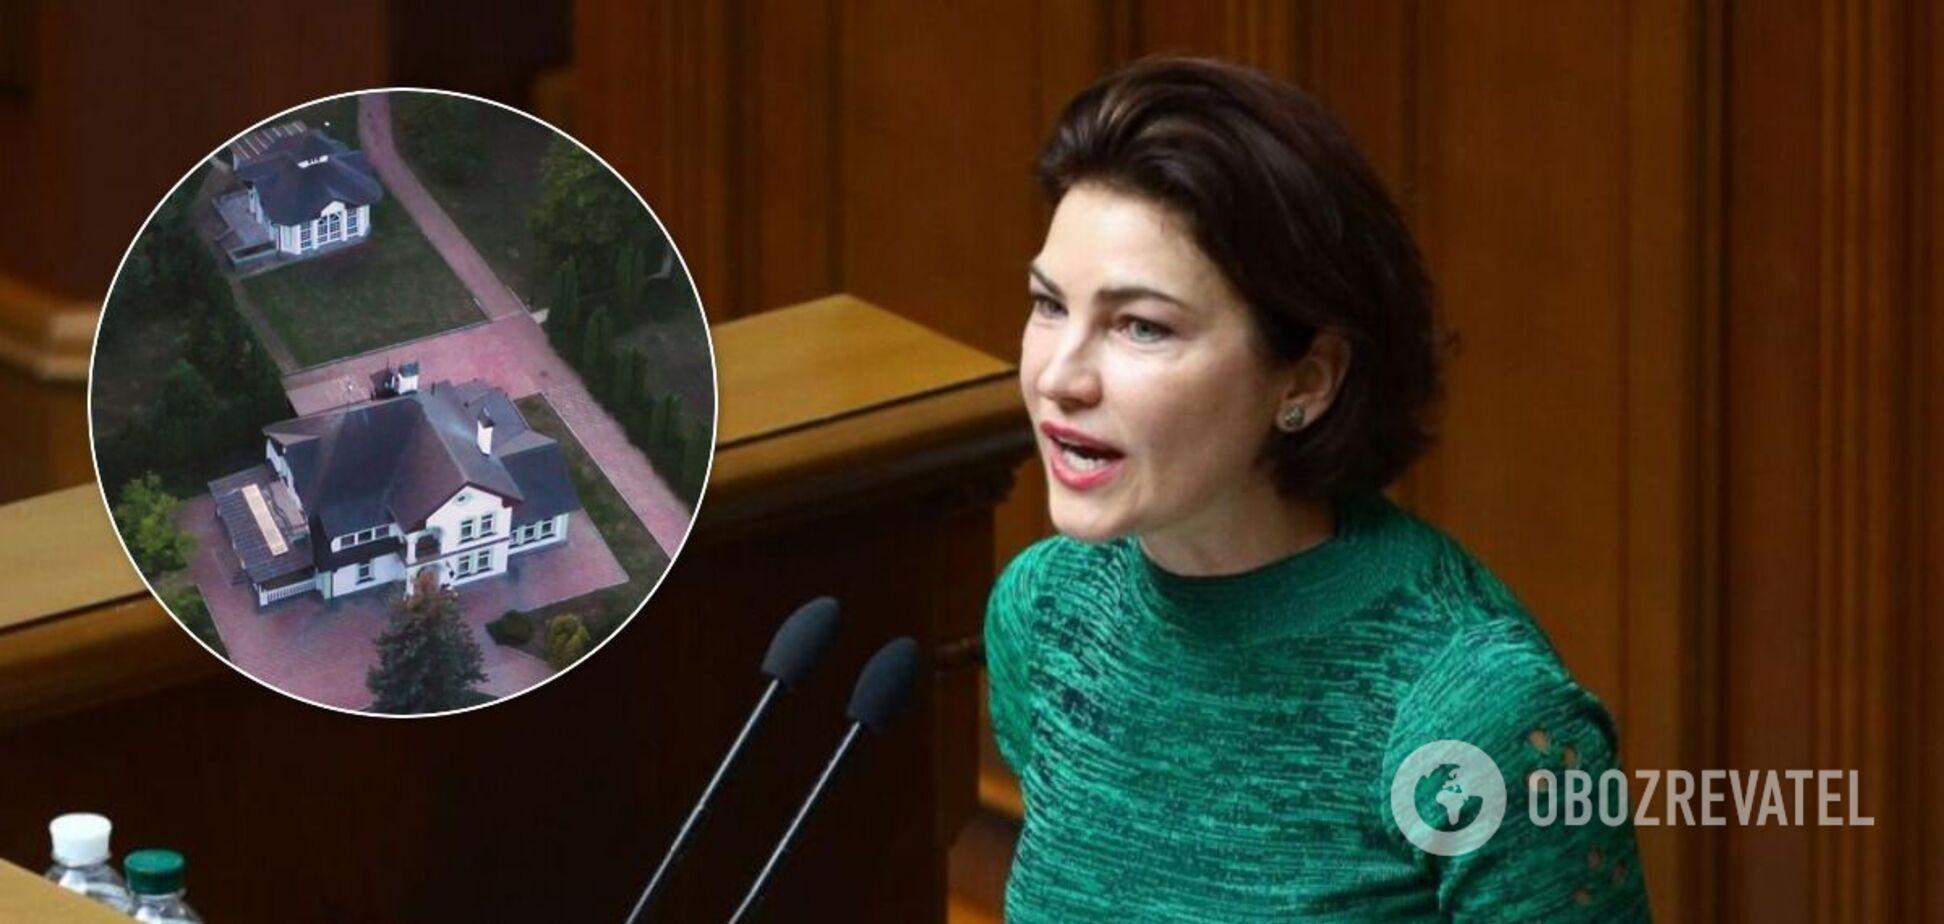 Венедиктова должна платить за резиденцию в 'Пуща-Водице' втрое больше